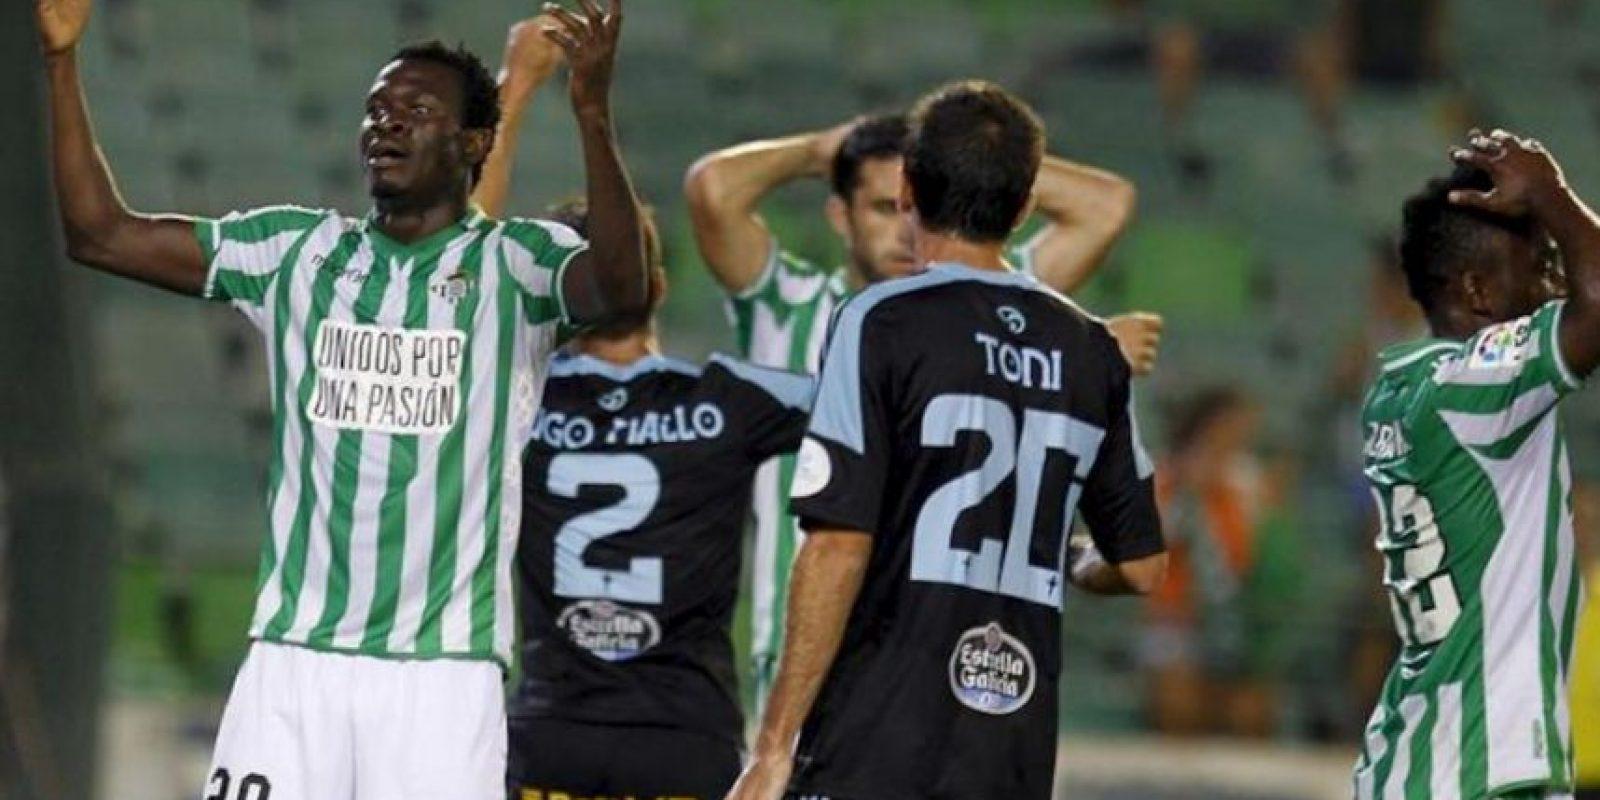 El centrocampista nigeriano del Real Betis Nosa (i) se lamenta tras una ocasión fallada ante el Celta de Vigo, durante el partido de la Liga BBVA disputado en el estadio Benito Villamarín, en Sevilla. EFE